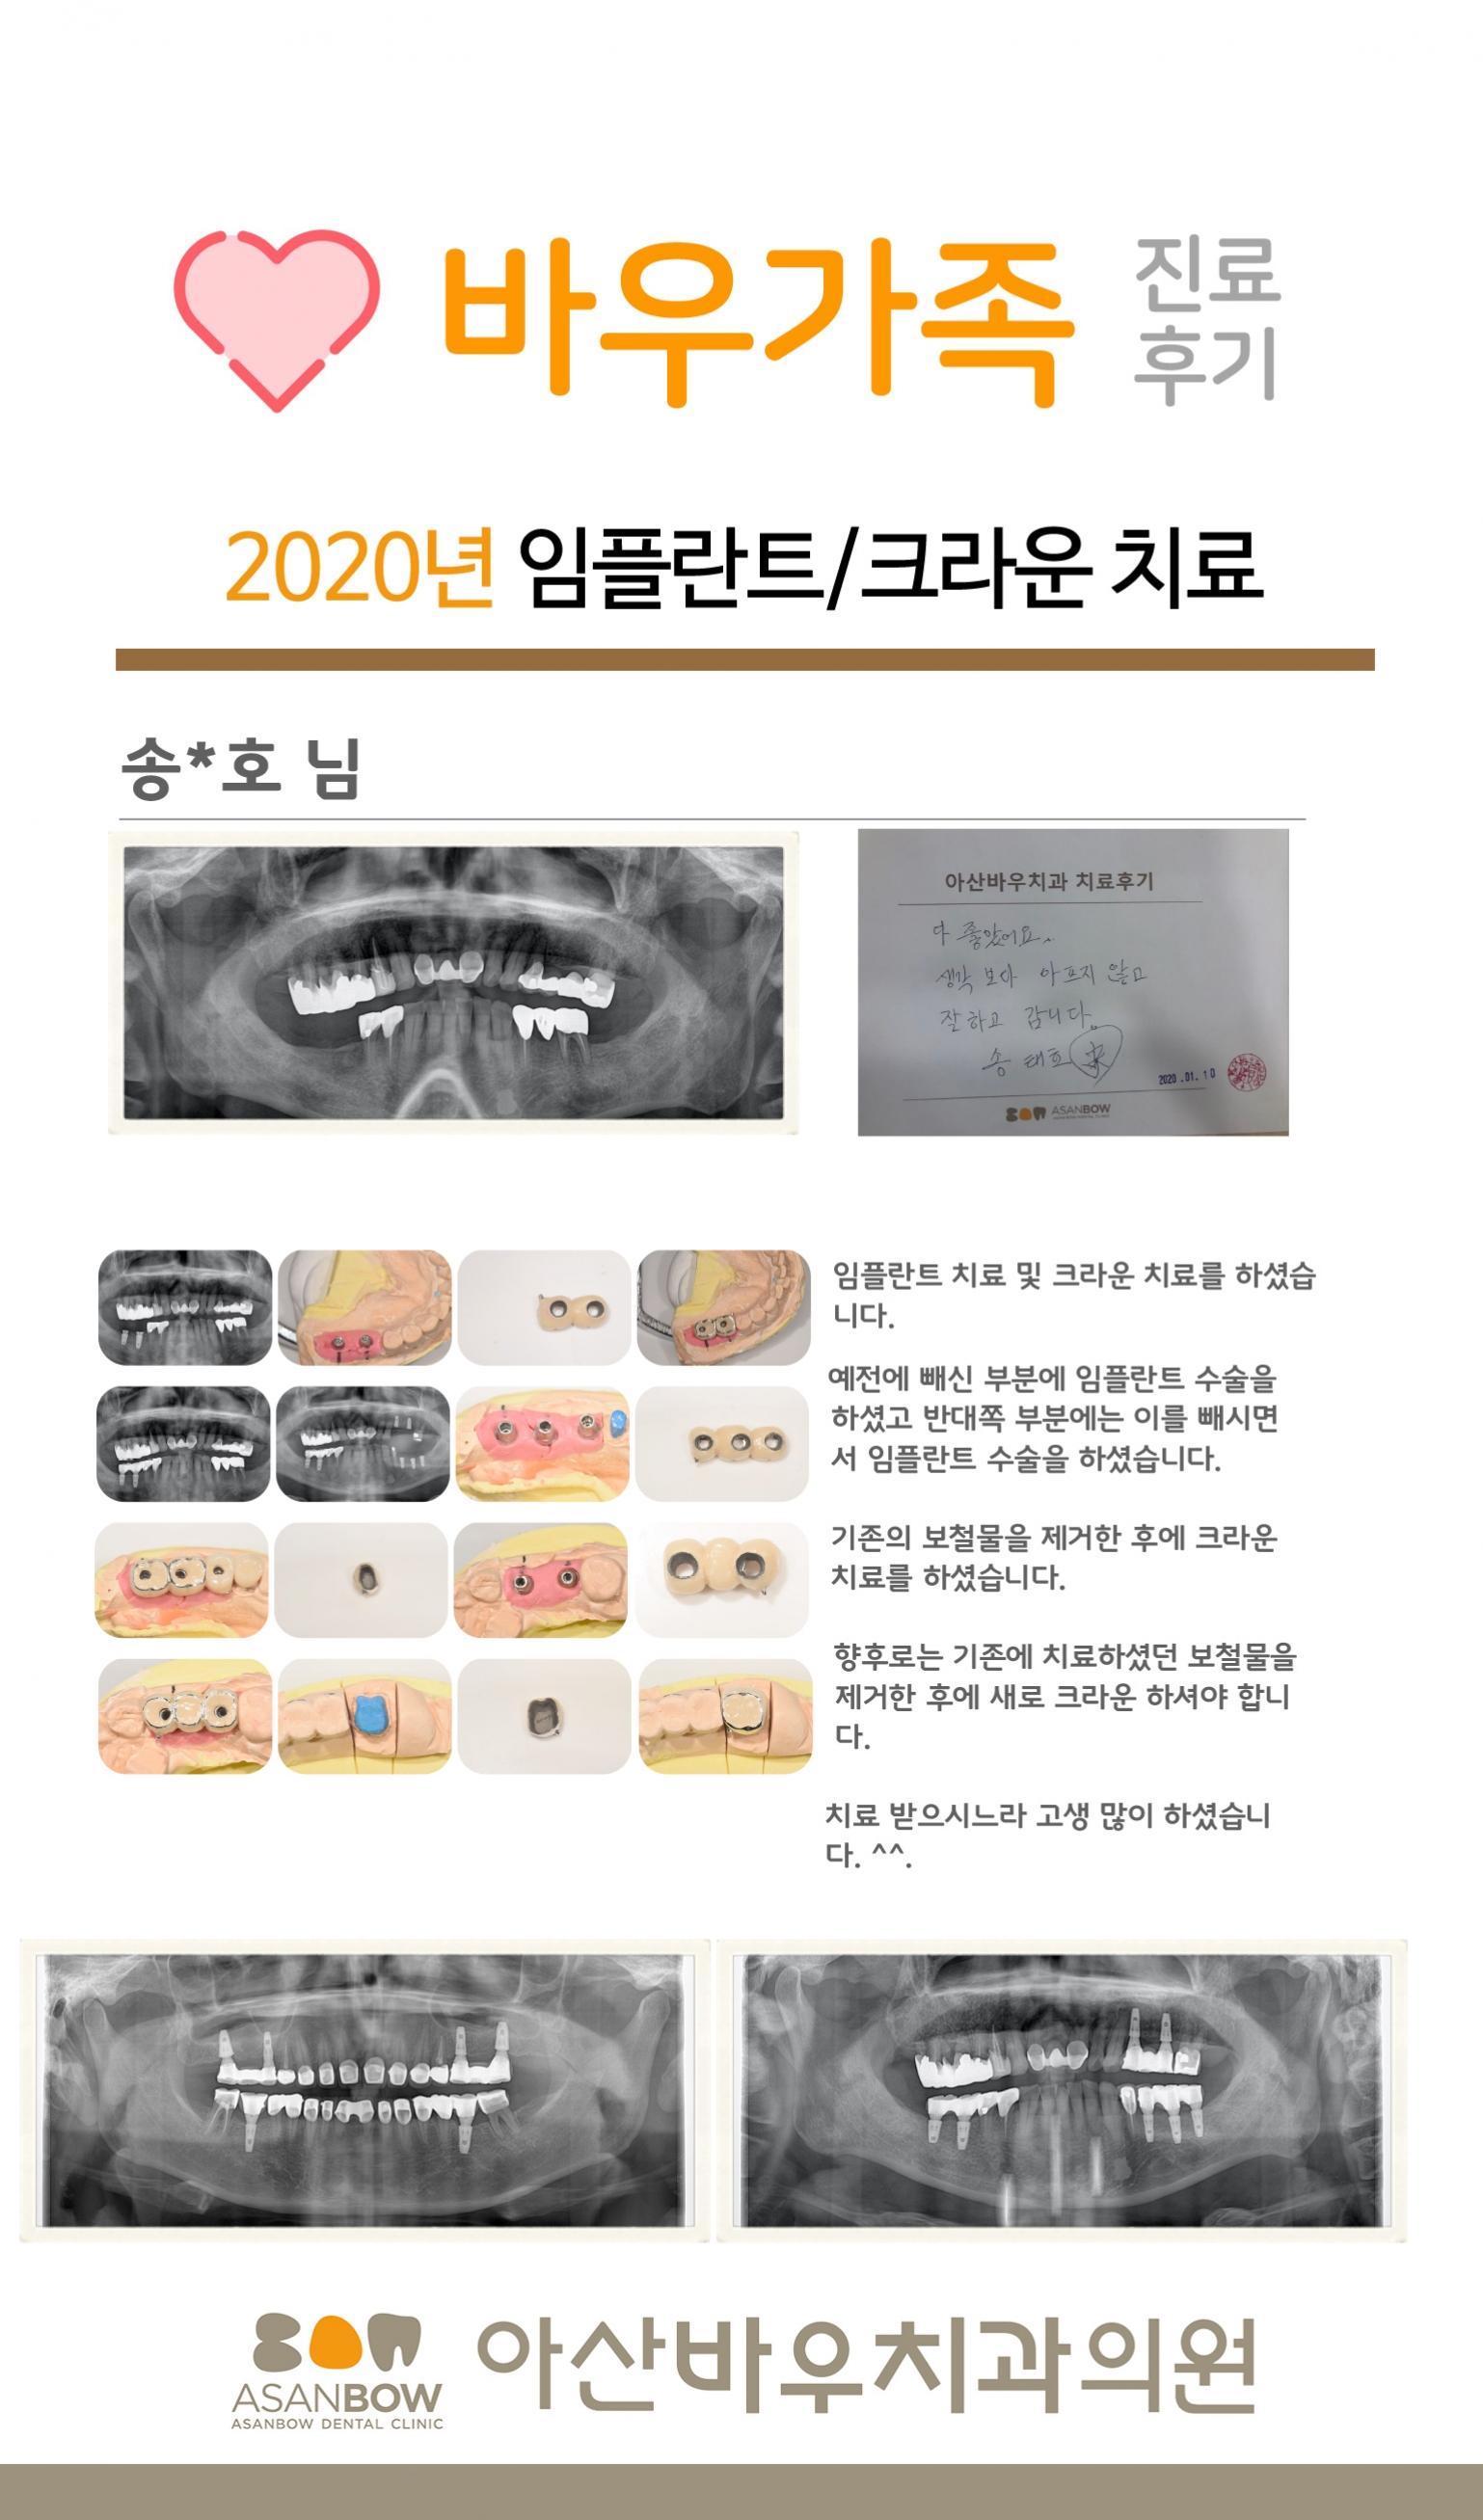 20120년-진료후기-송태호